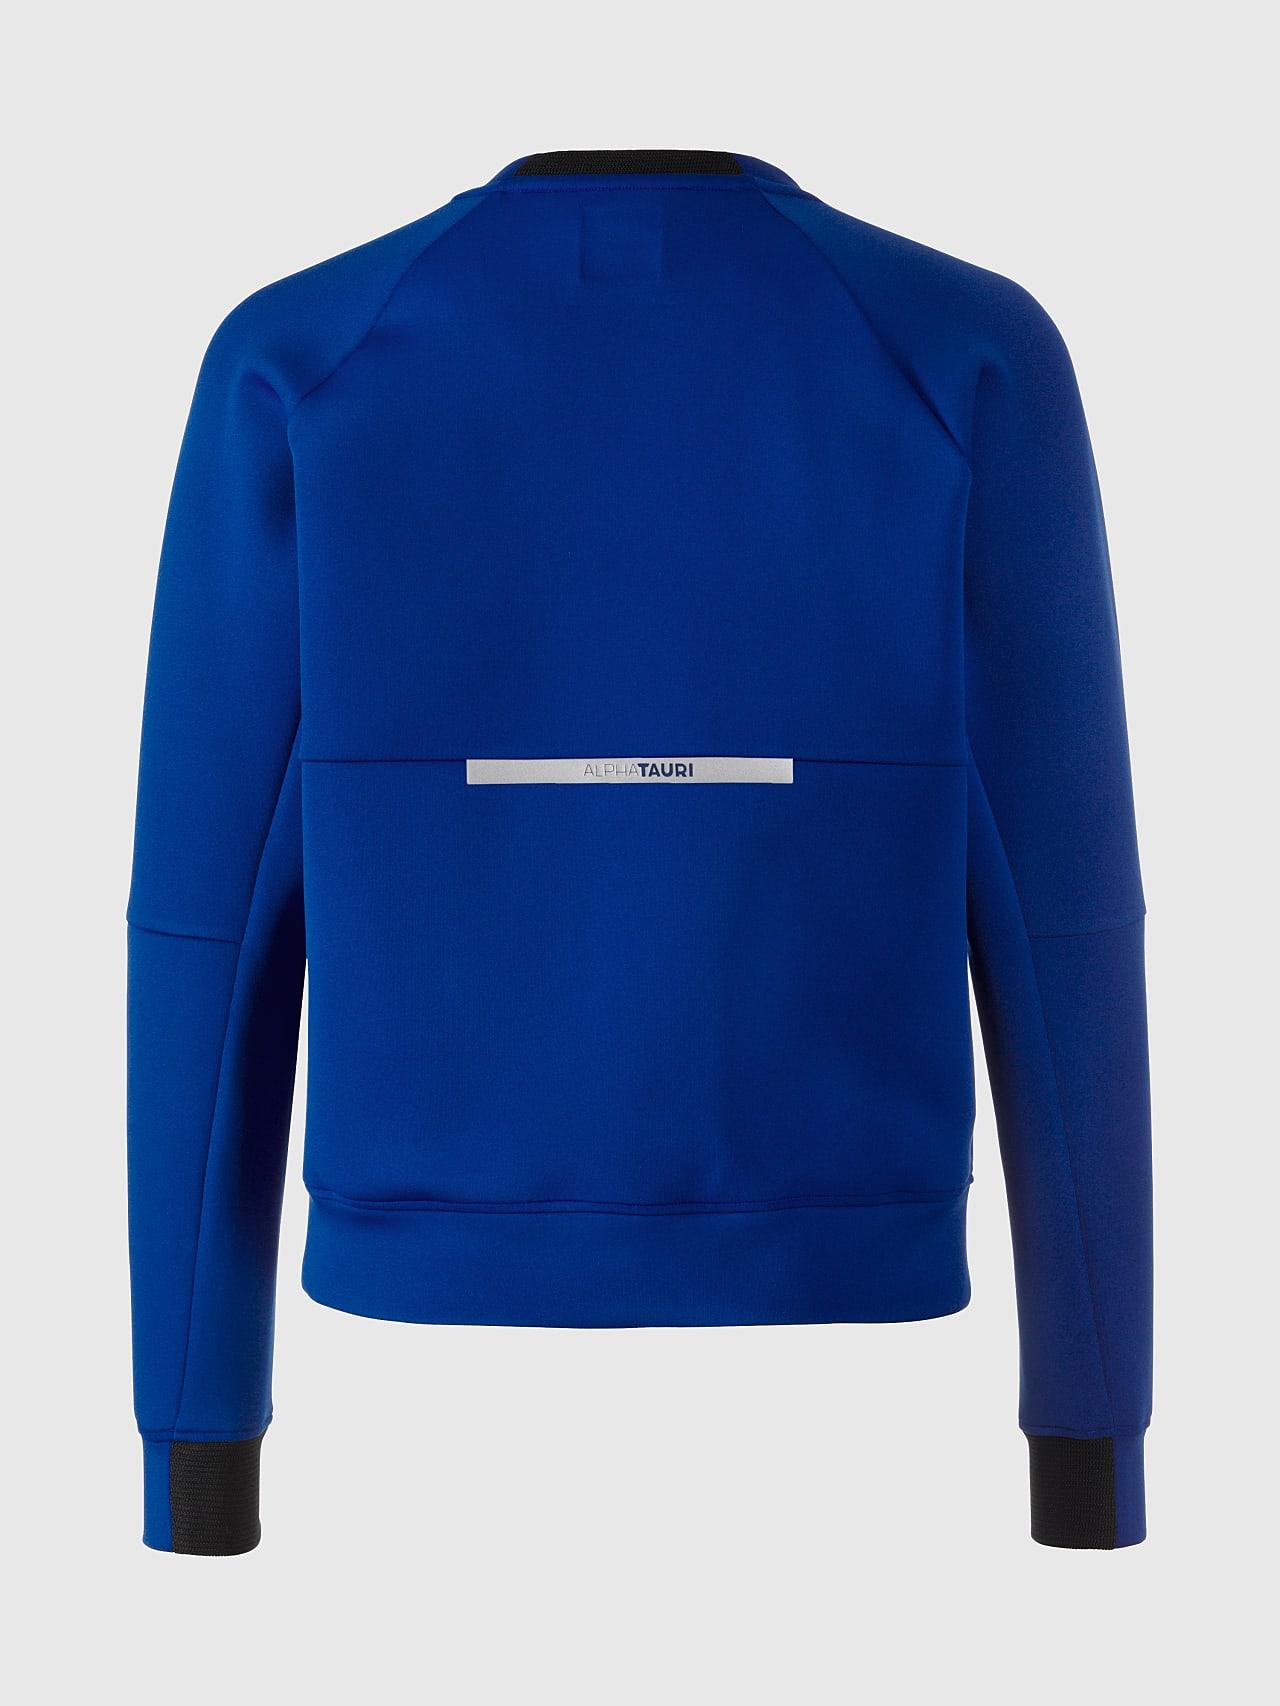 SINOV V1.Y5.01 Crewneck Sweater blue Left Alpha Tauri